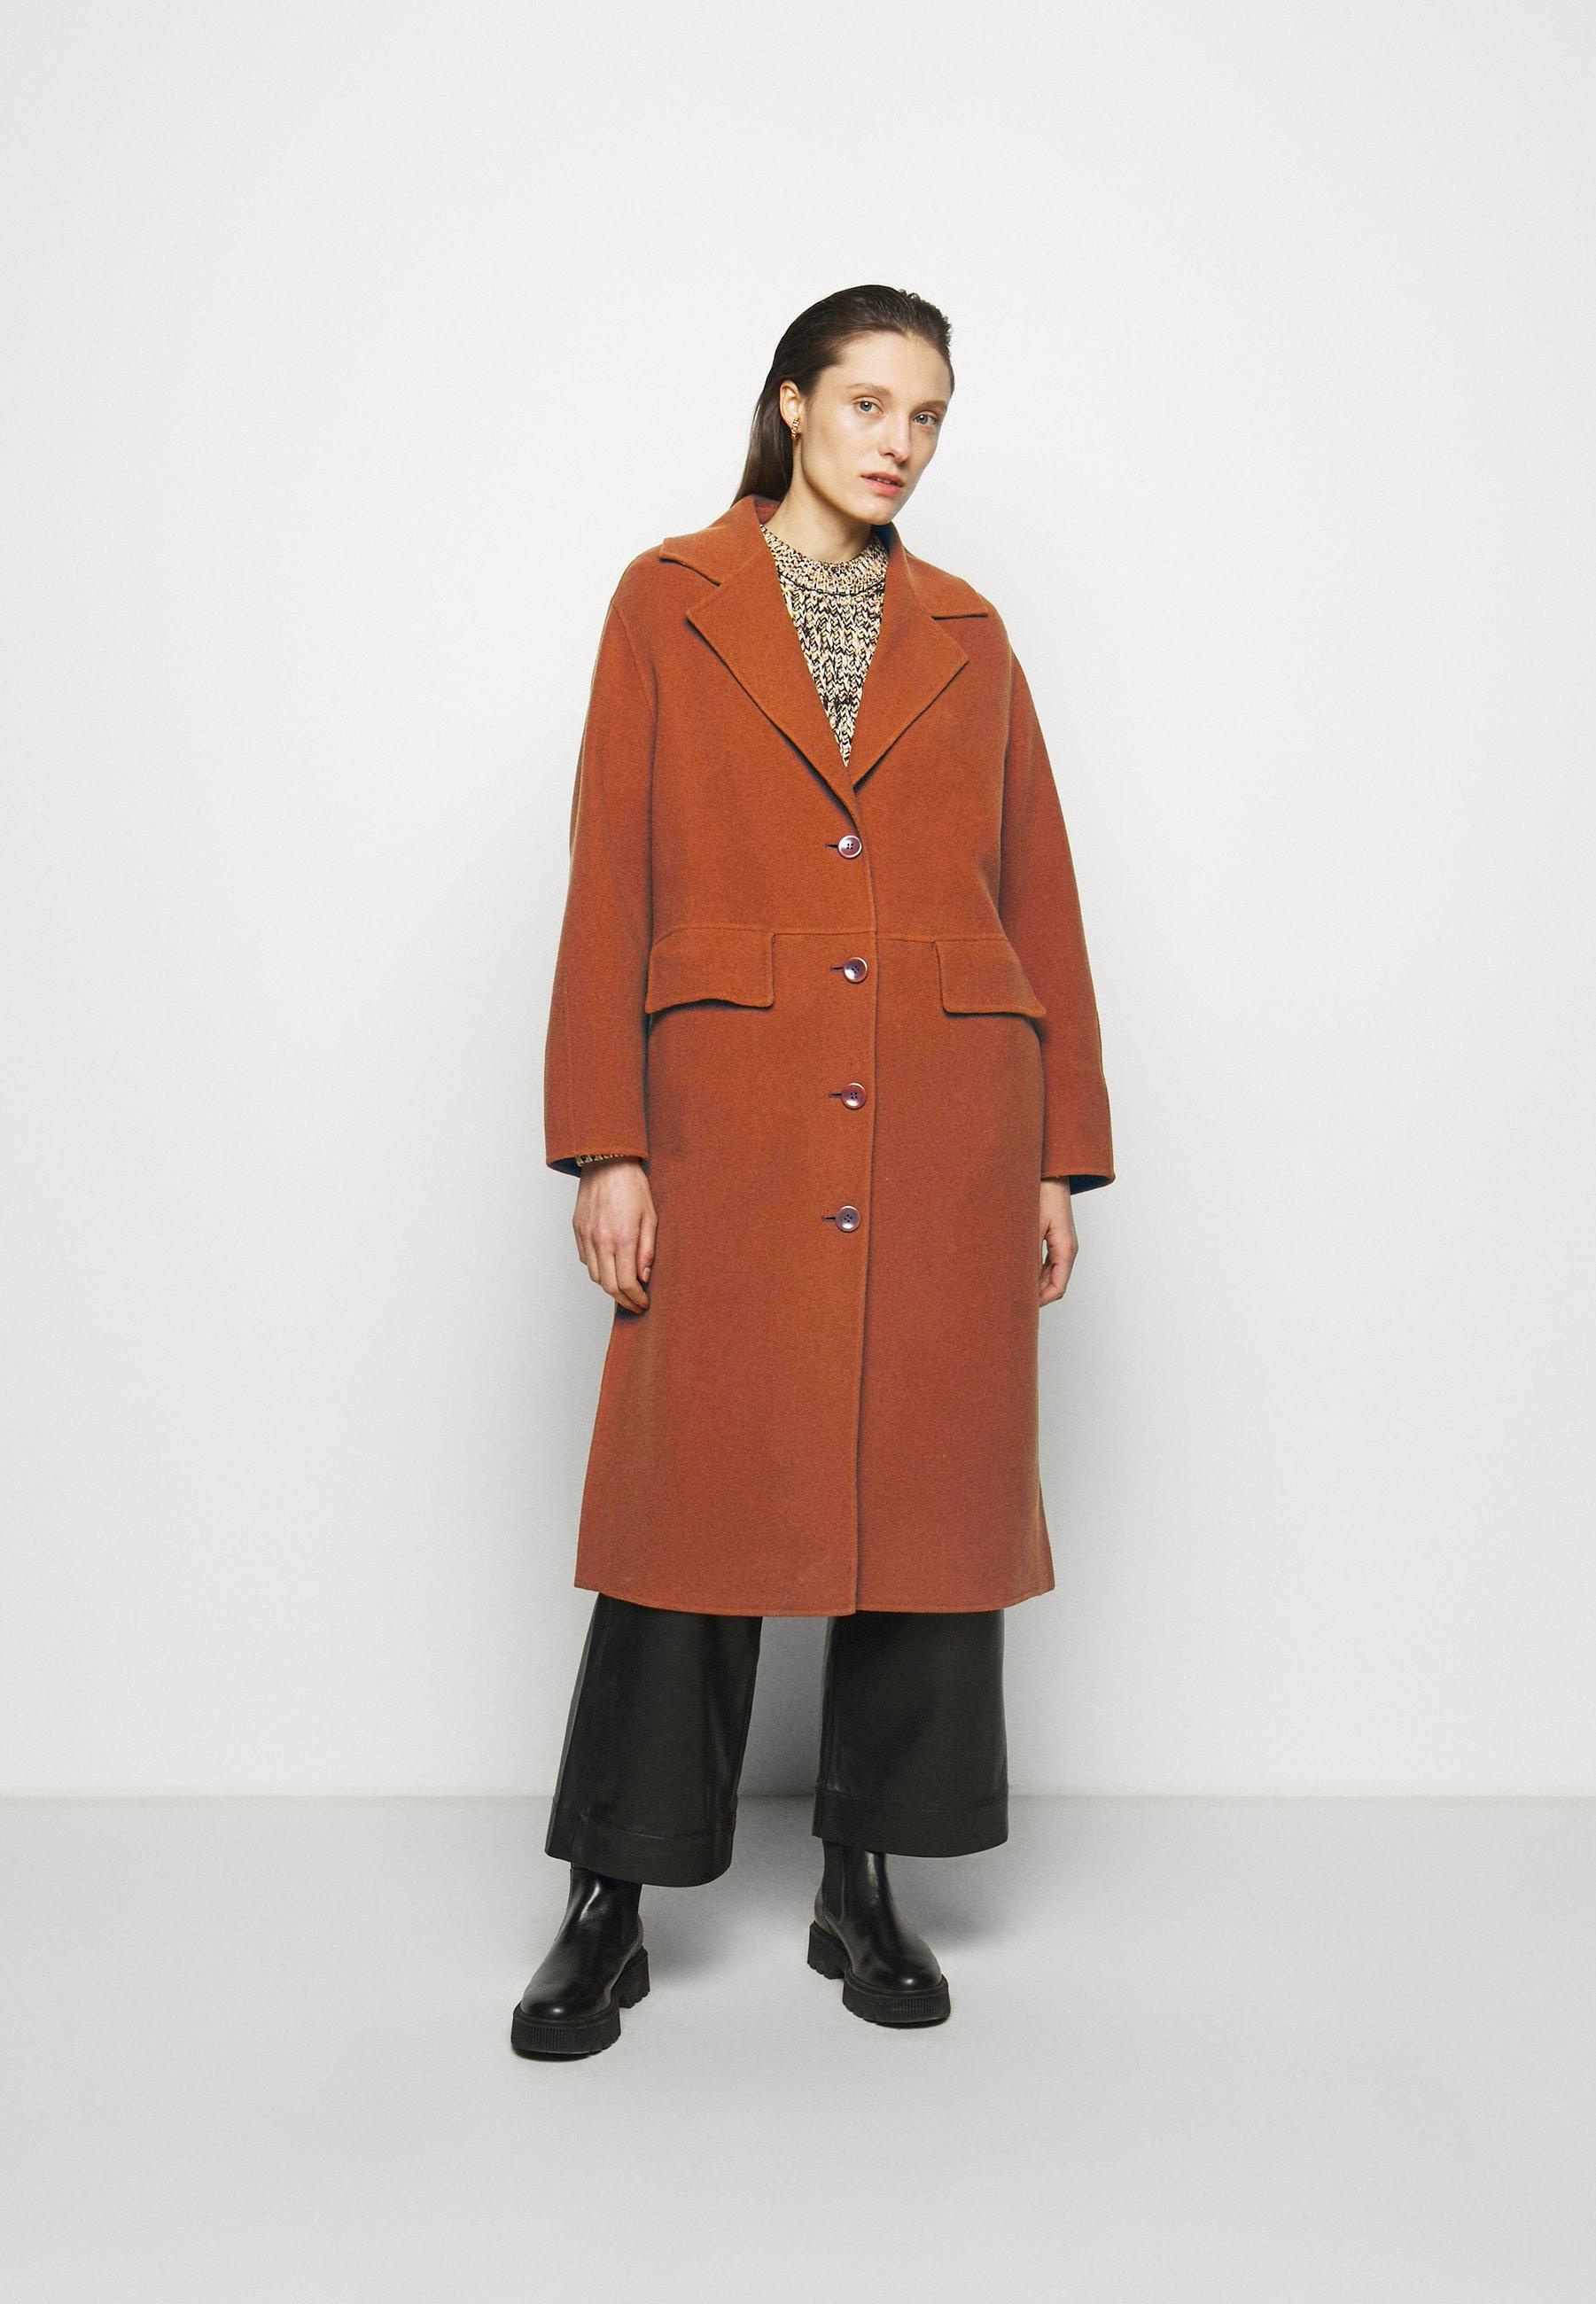 Femme DOUBLEFACE COAT WITH SIDE SLITS - Manteau classique